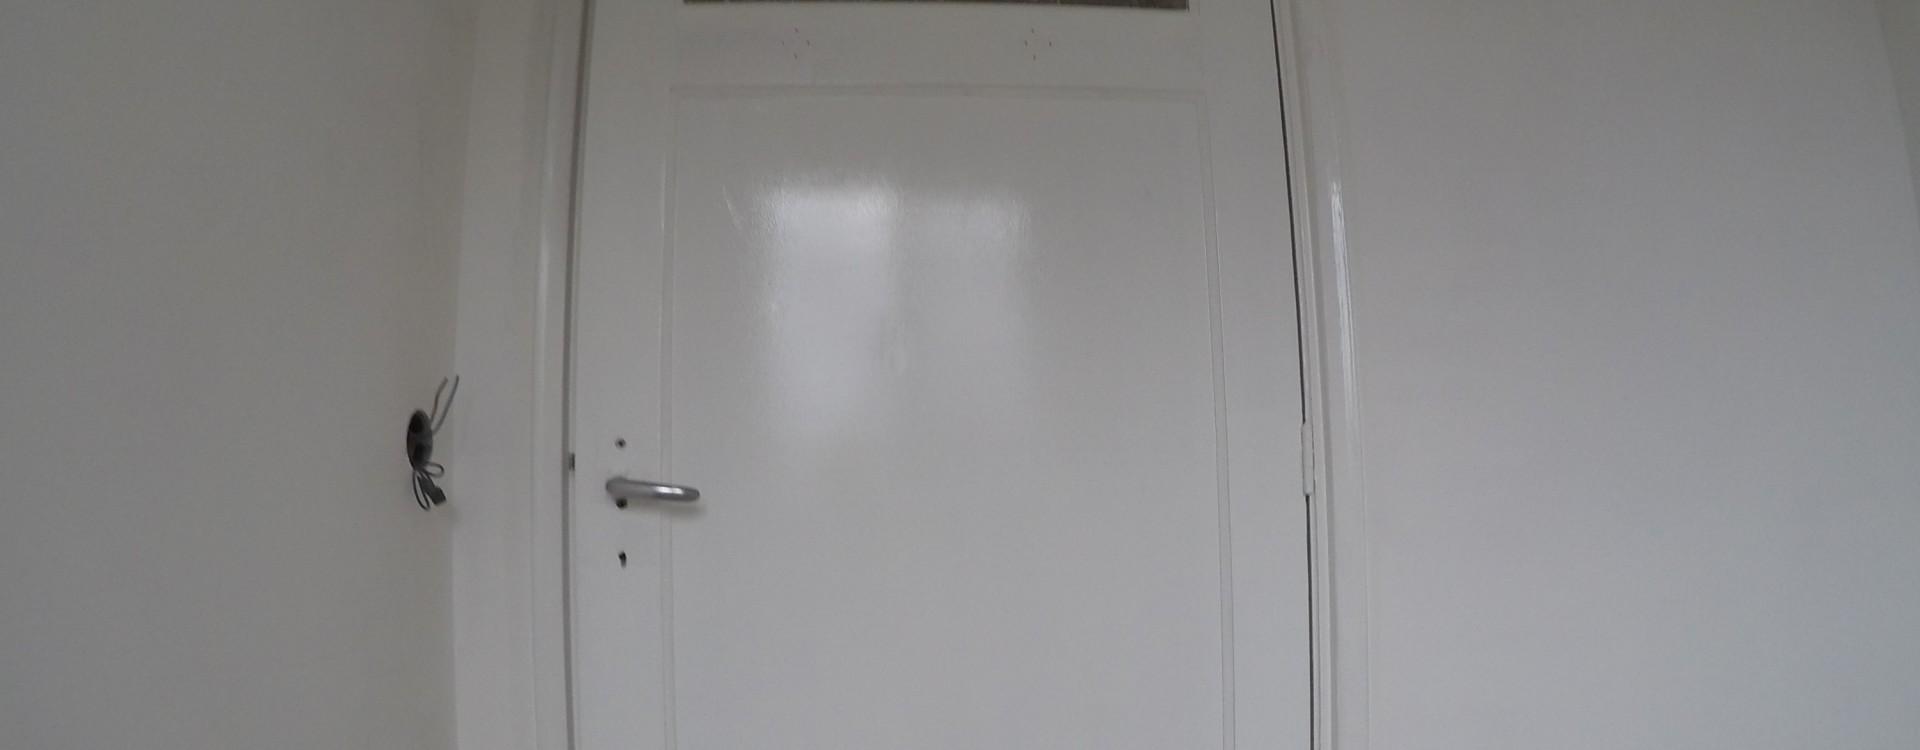 schilderwerk binnendeur